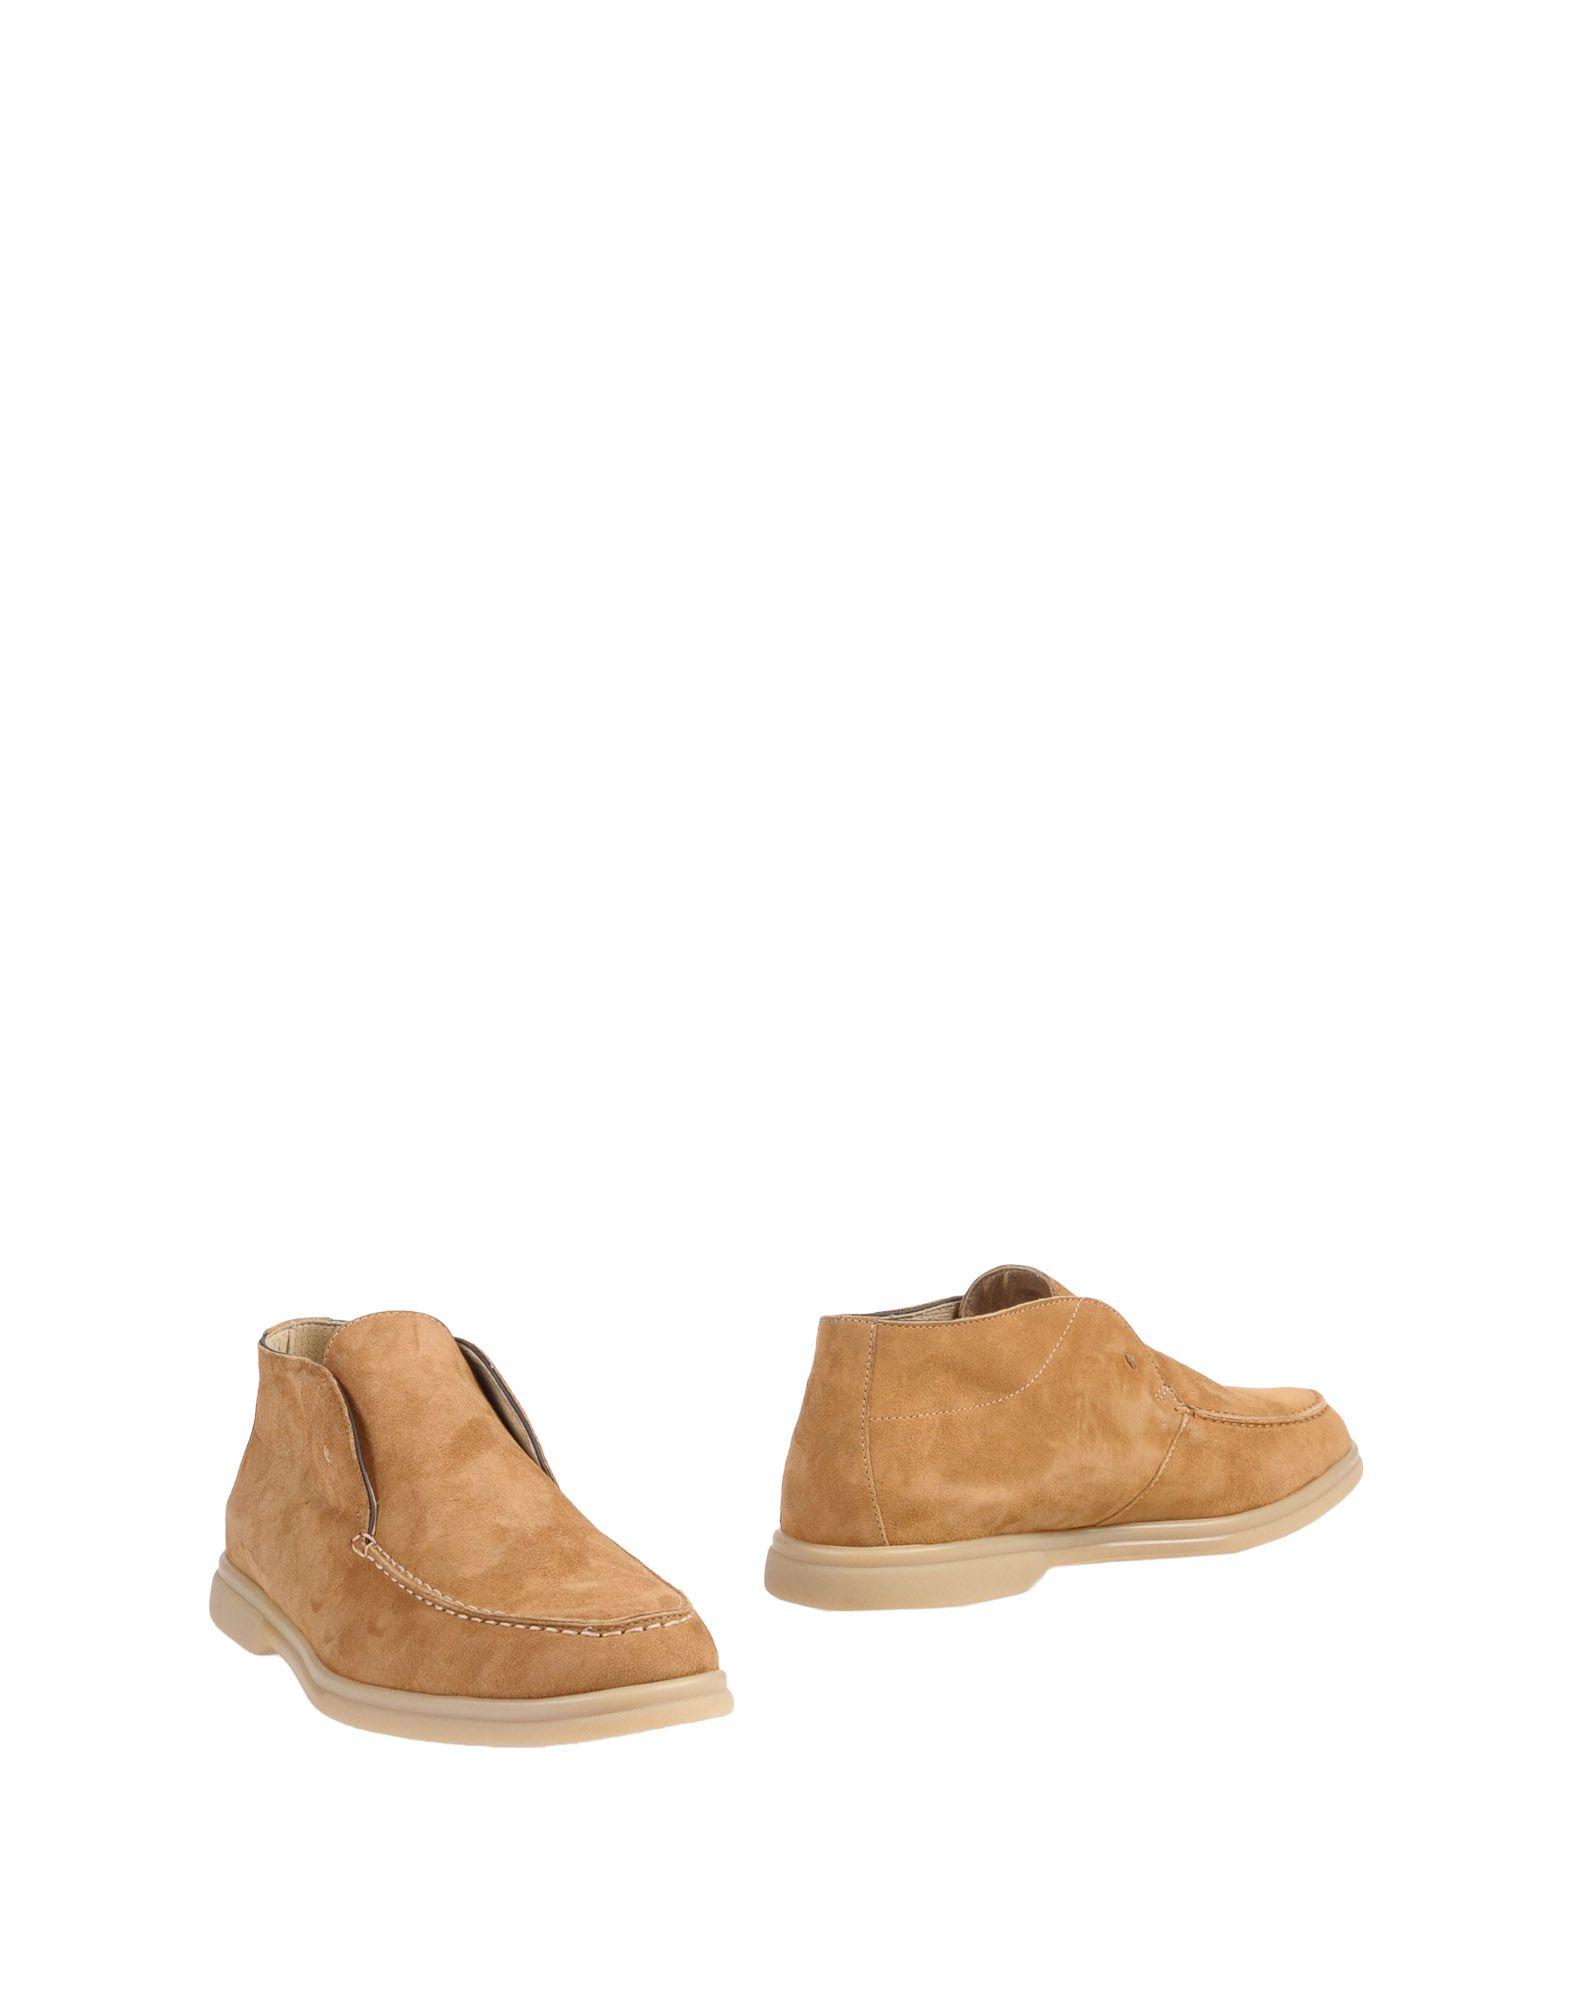 Andrea Ventura Firenze Stiefelette Herren  11441779HR Gute Qualität beliebte Schuhe